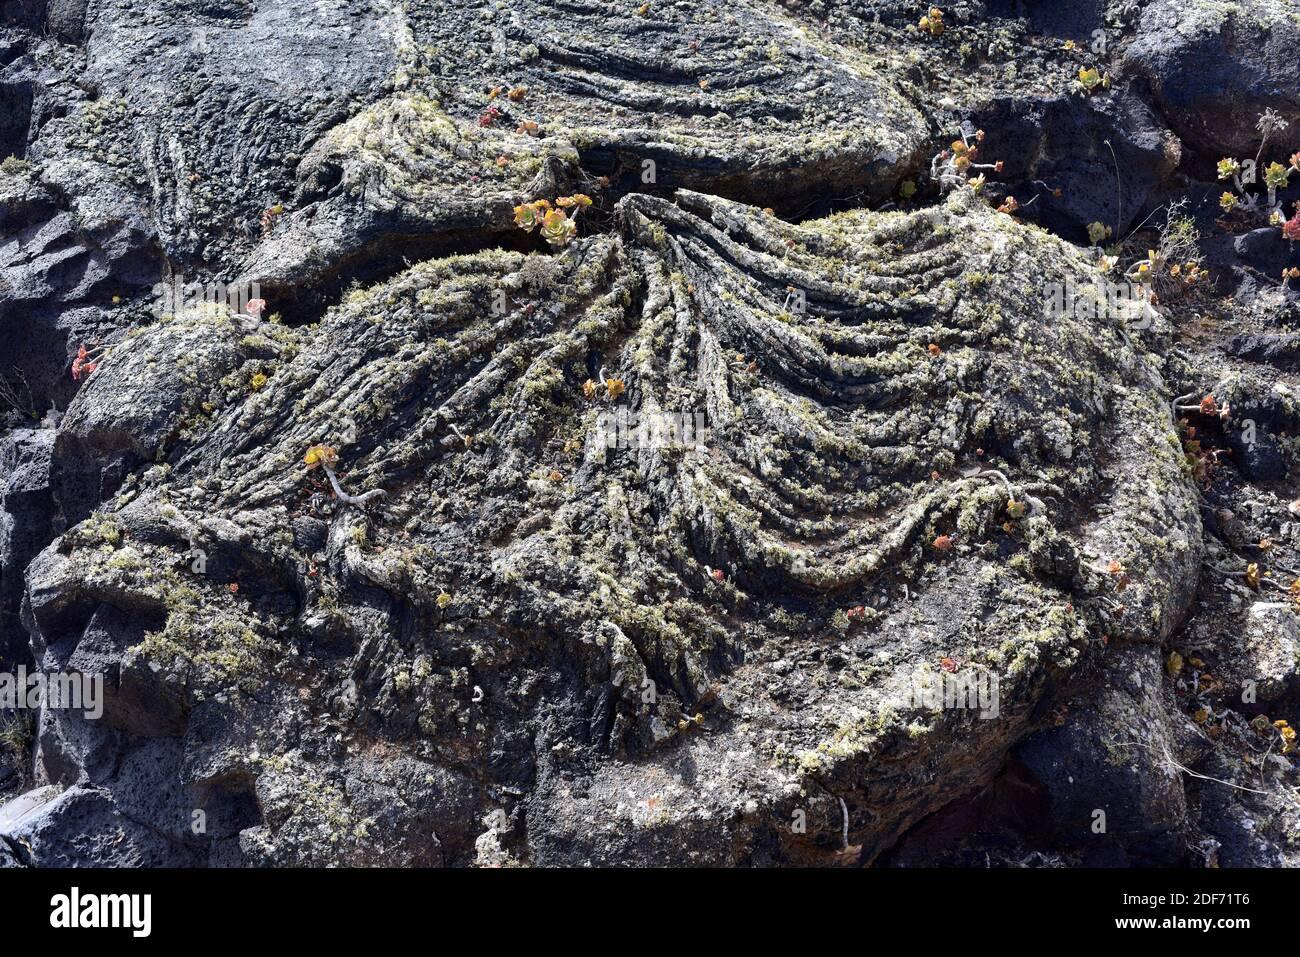 Pahoehoe o flujo de lava cerca de Masdache, Isla de Lanzarote, Islas Canarias, España. Foto de stock